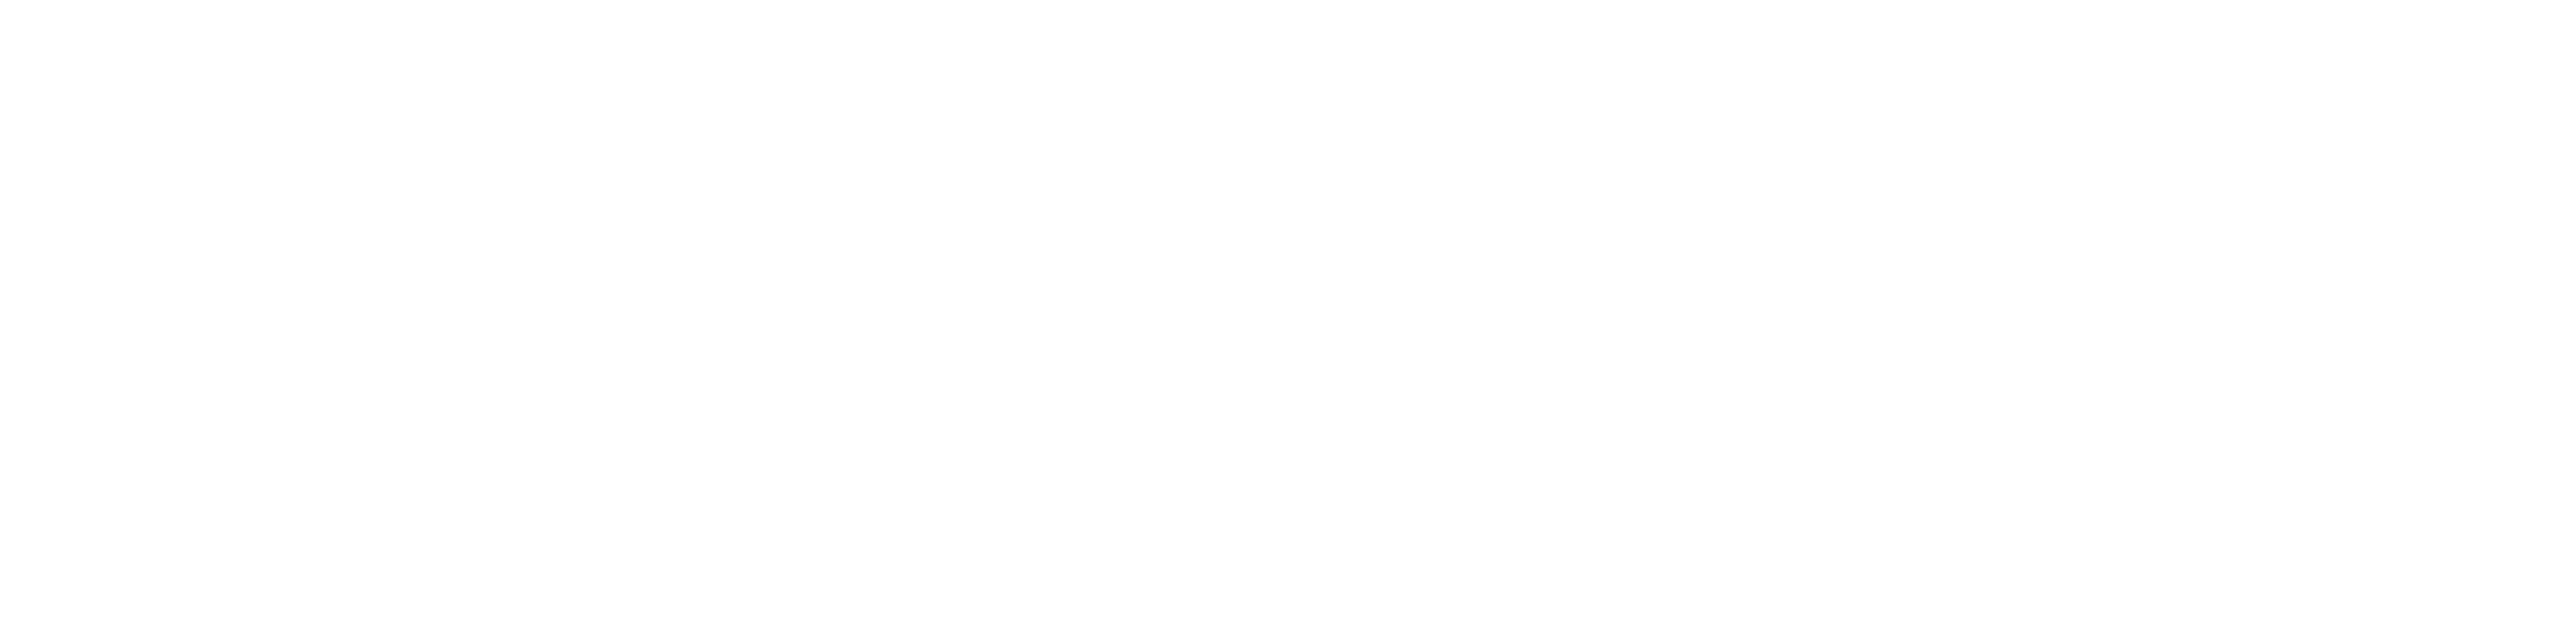 Lewis Music Studio